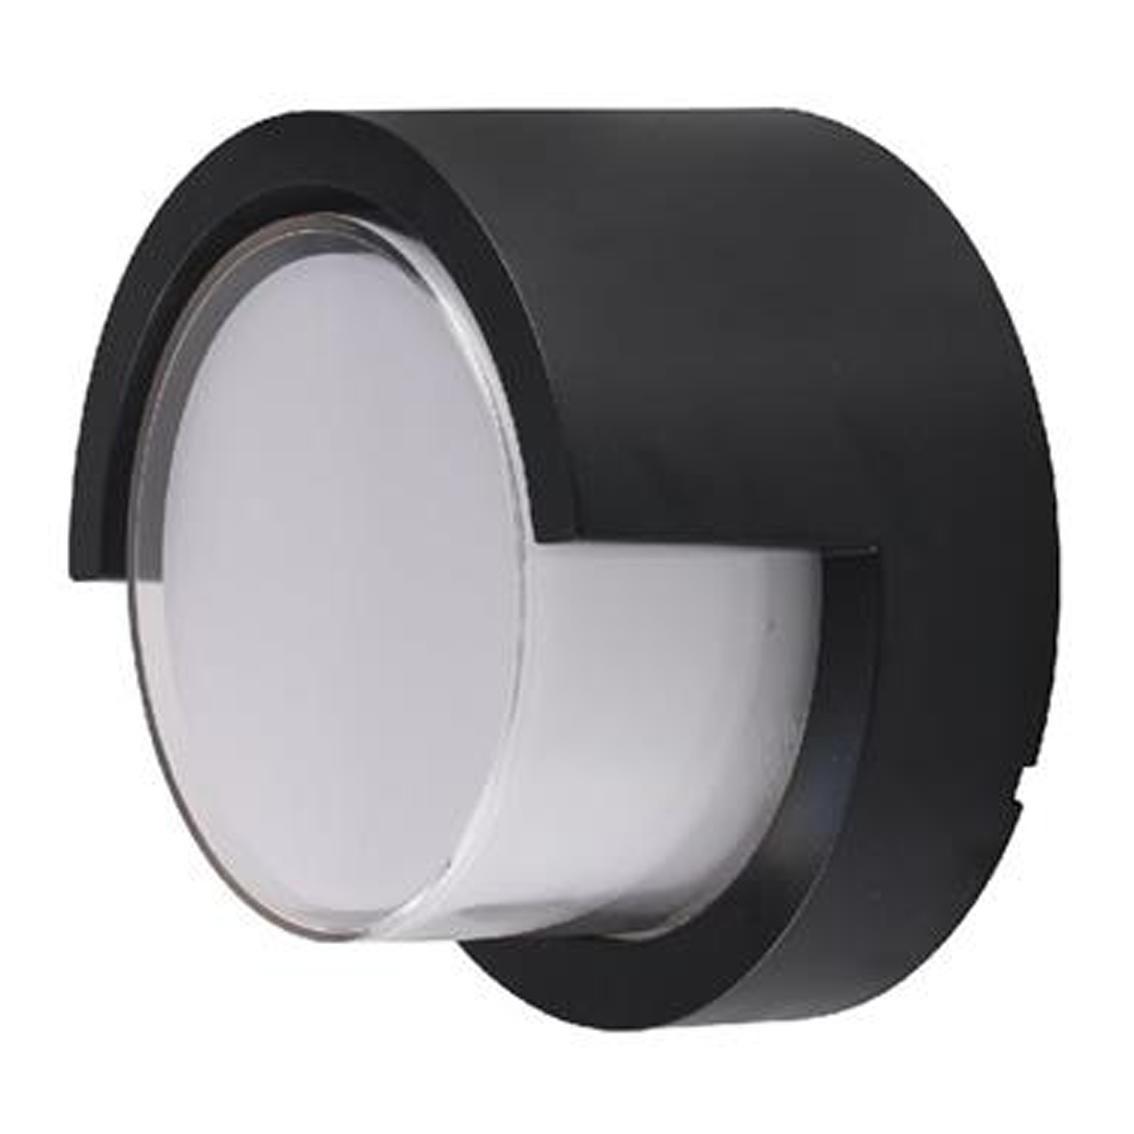 Univerzalna LED svjetiljka HL SUGA-12 RC Crna Horoz Elektro Vukojevic